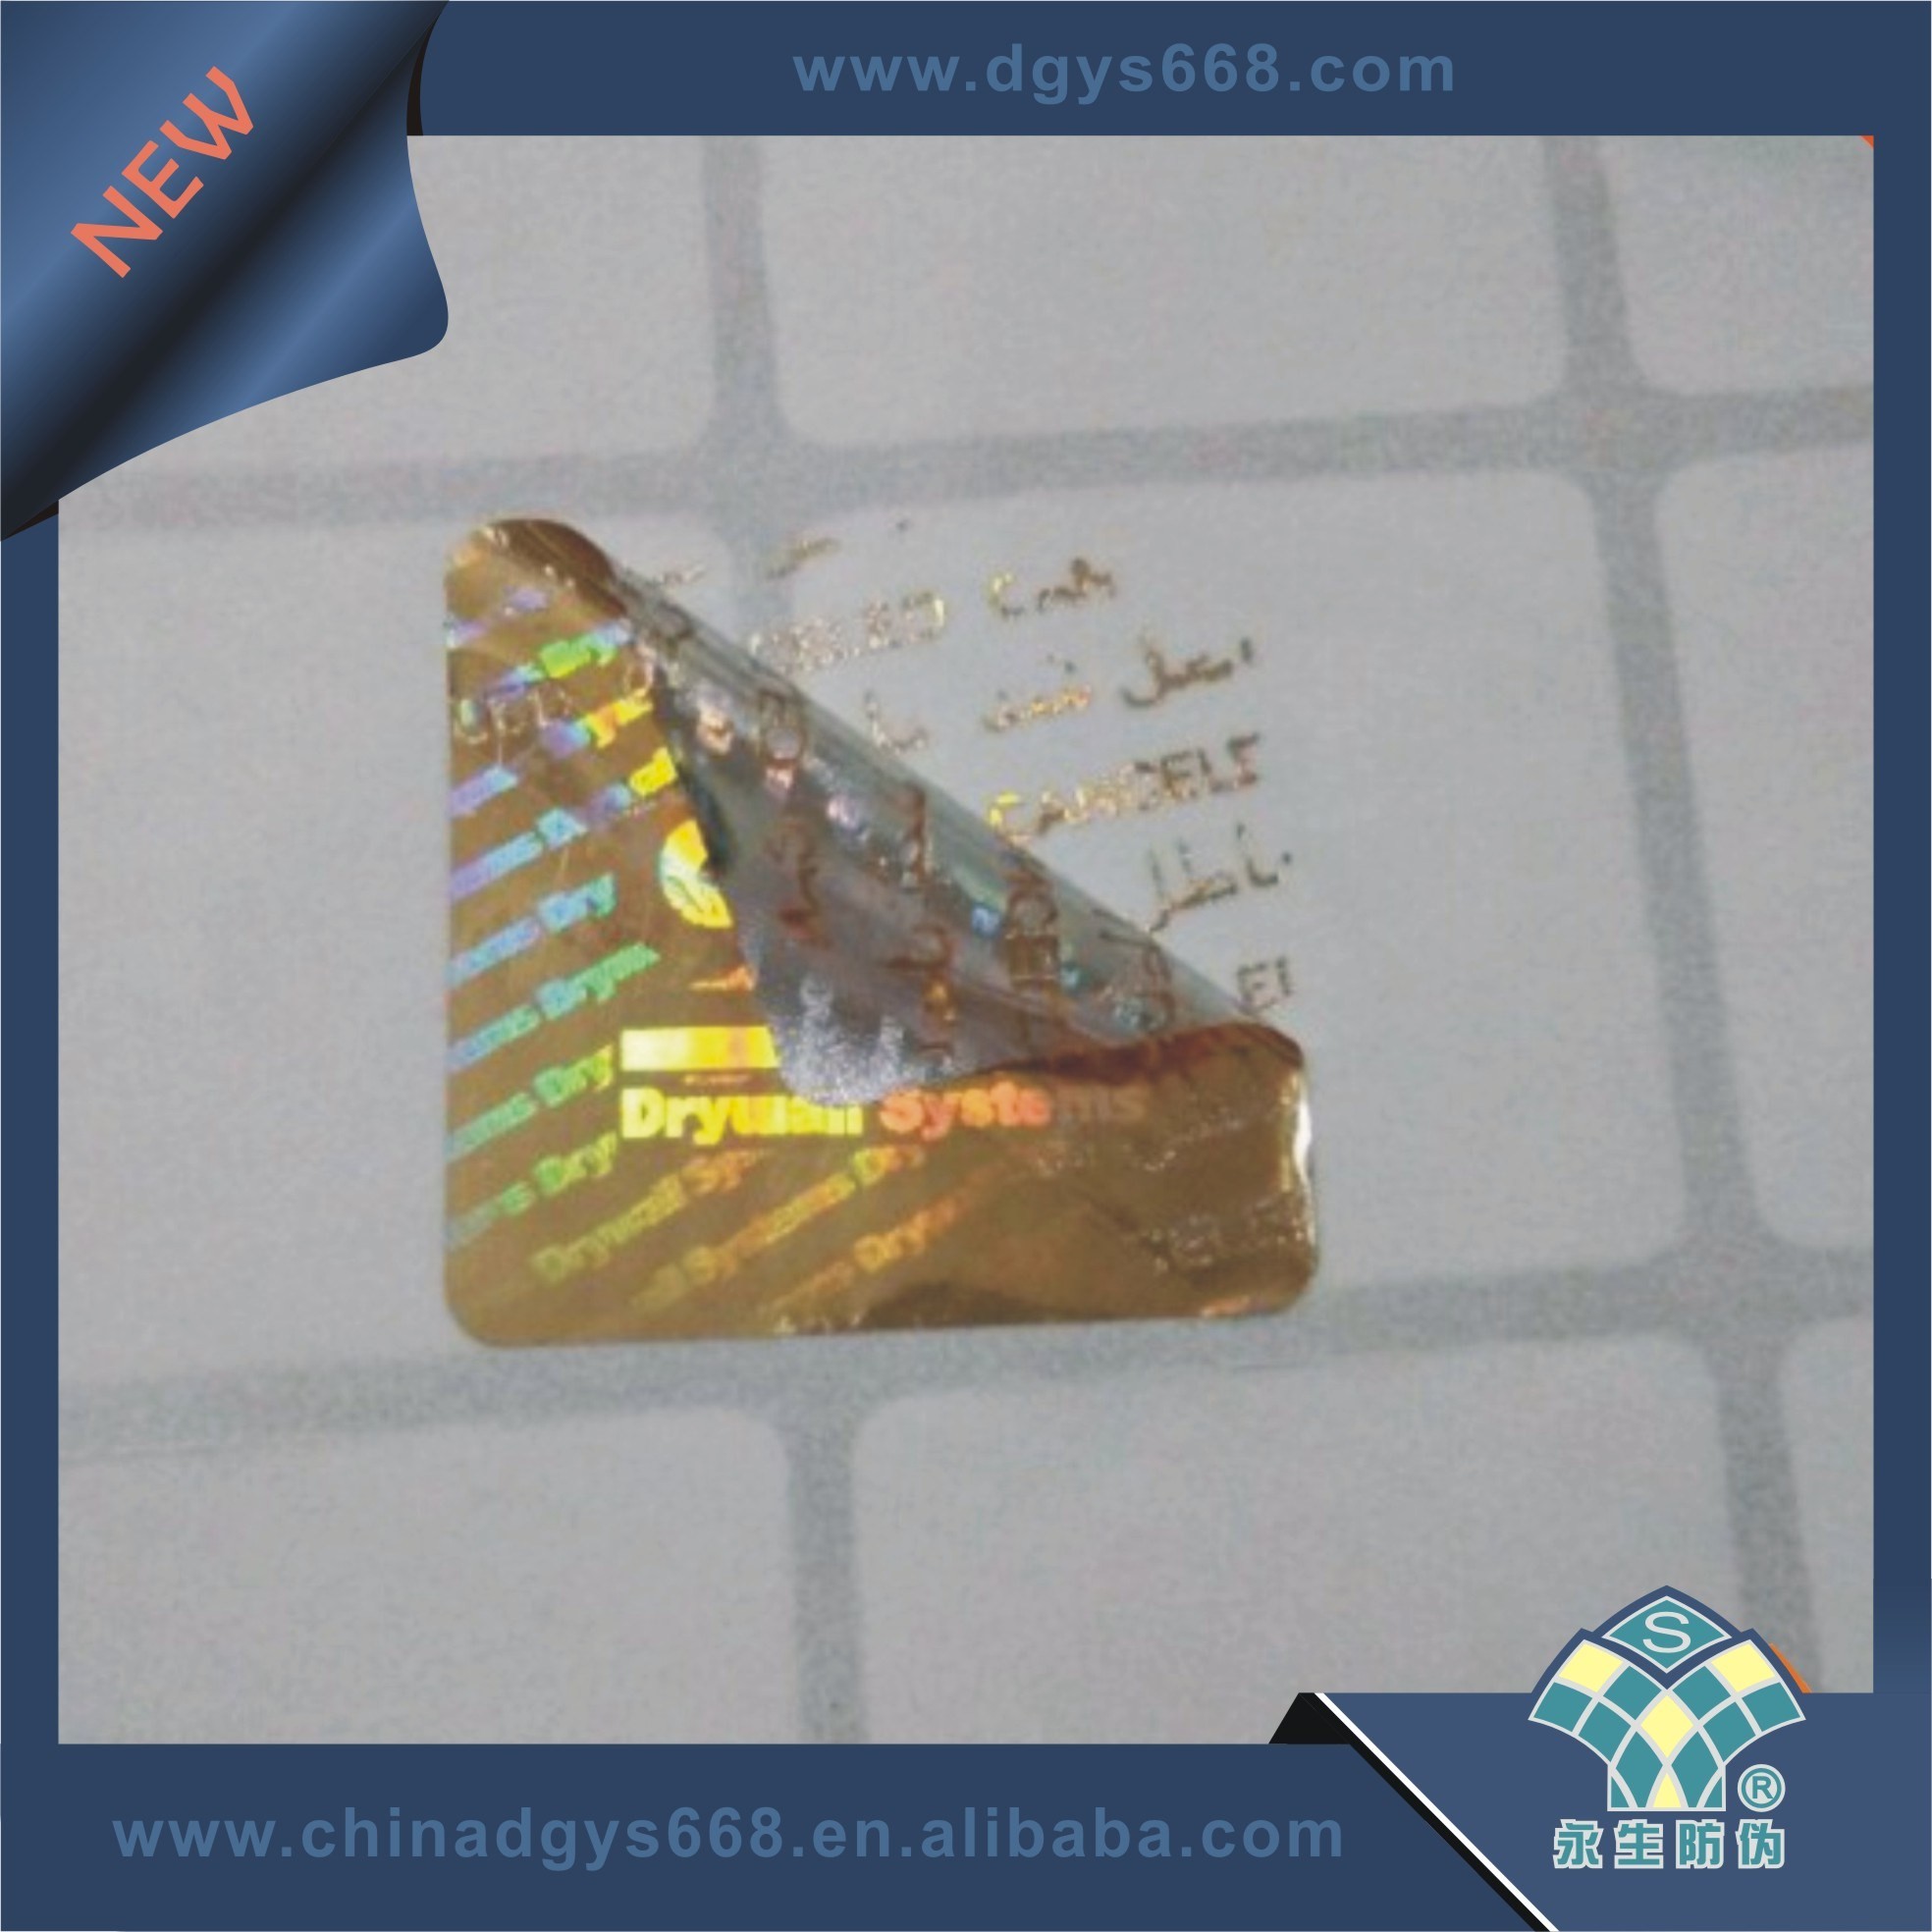 Void Tamper Evident Laser Sticker